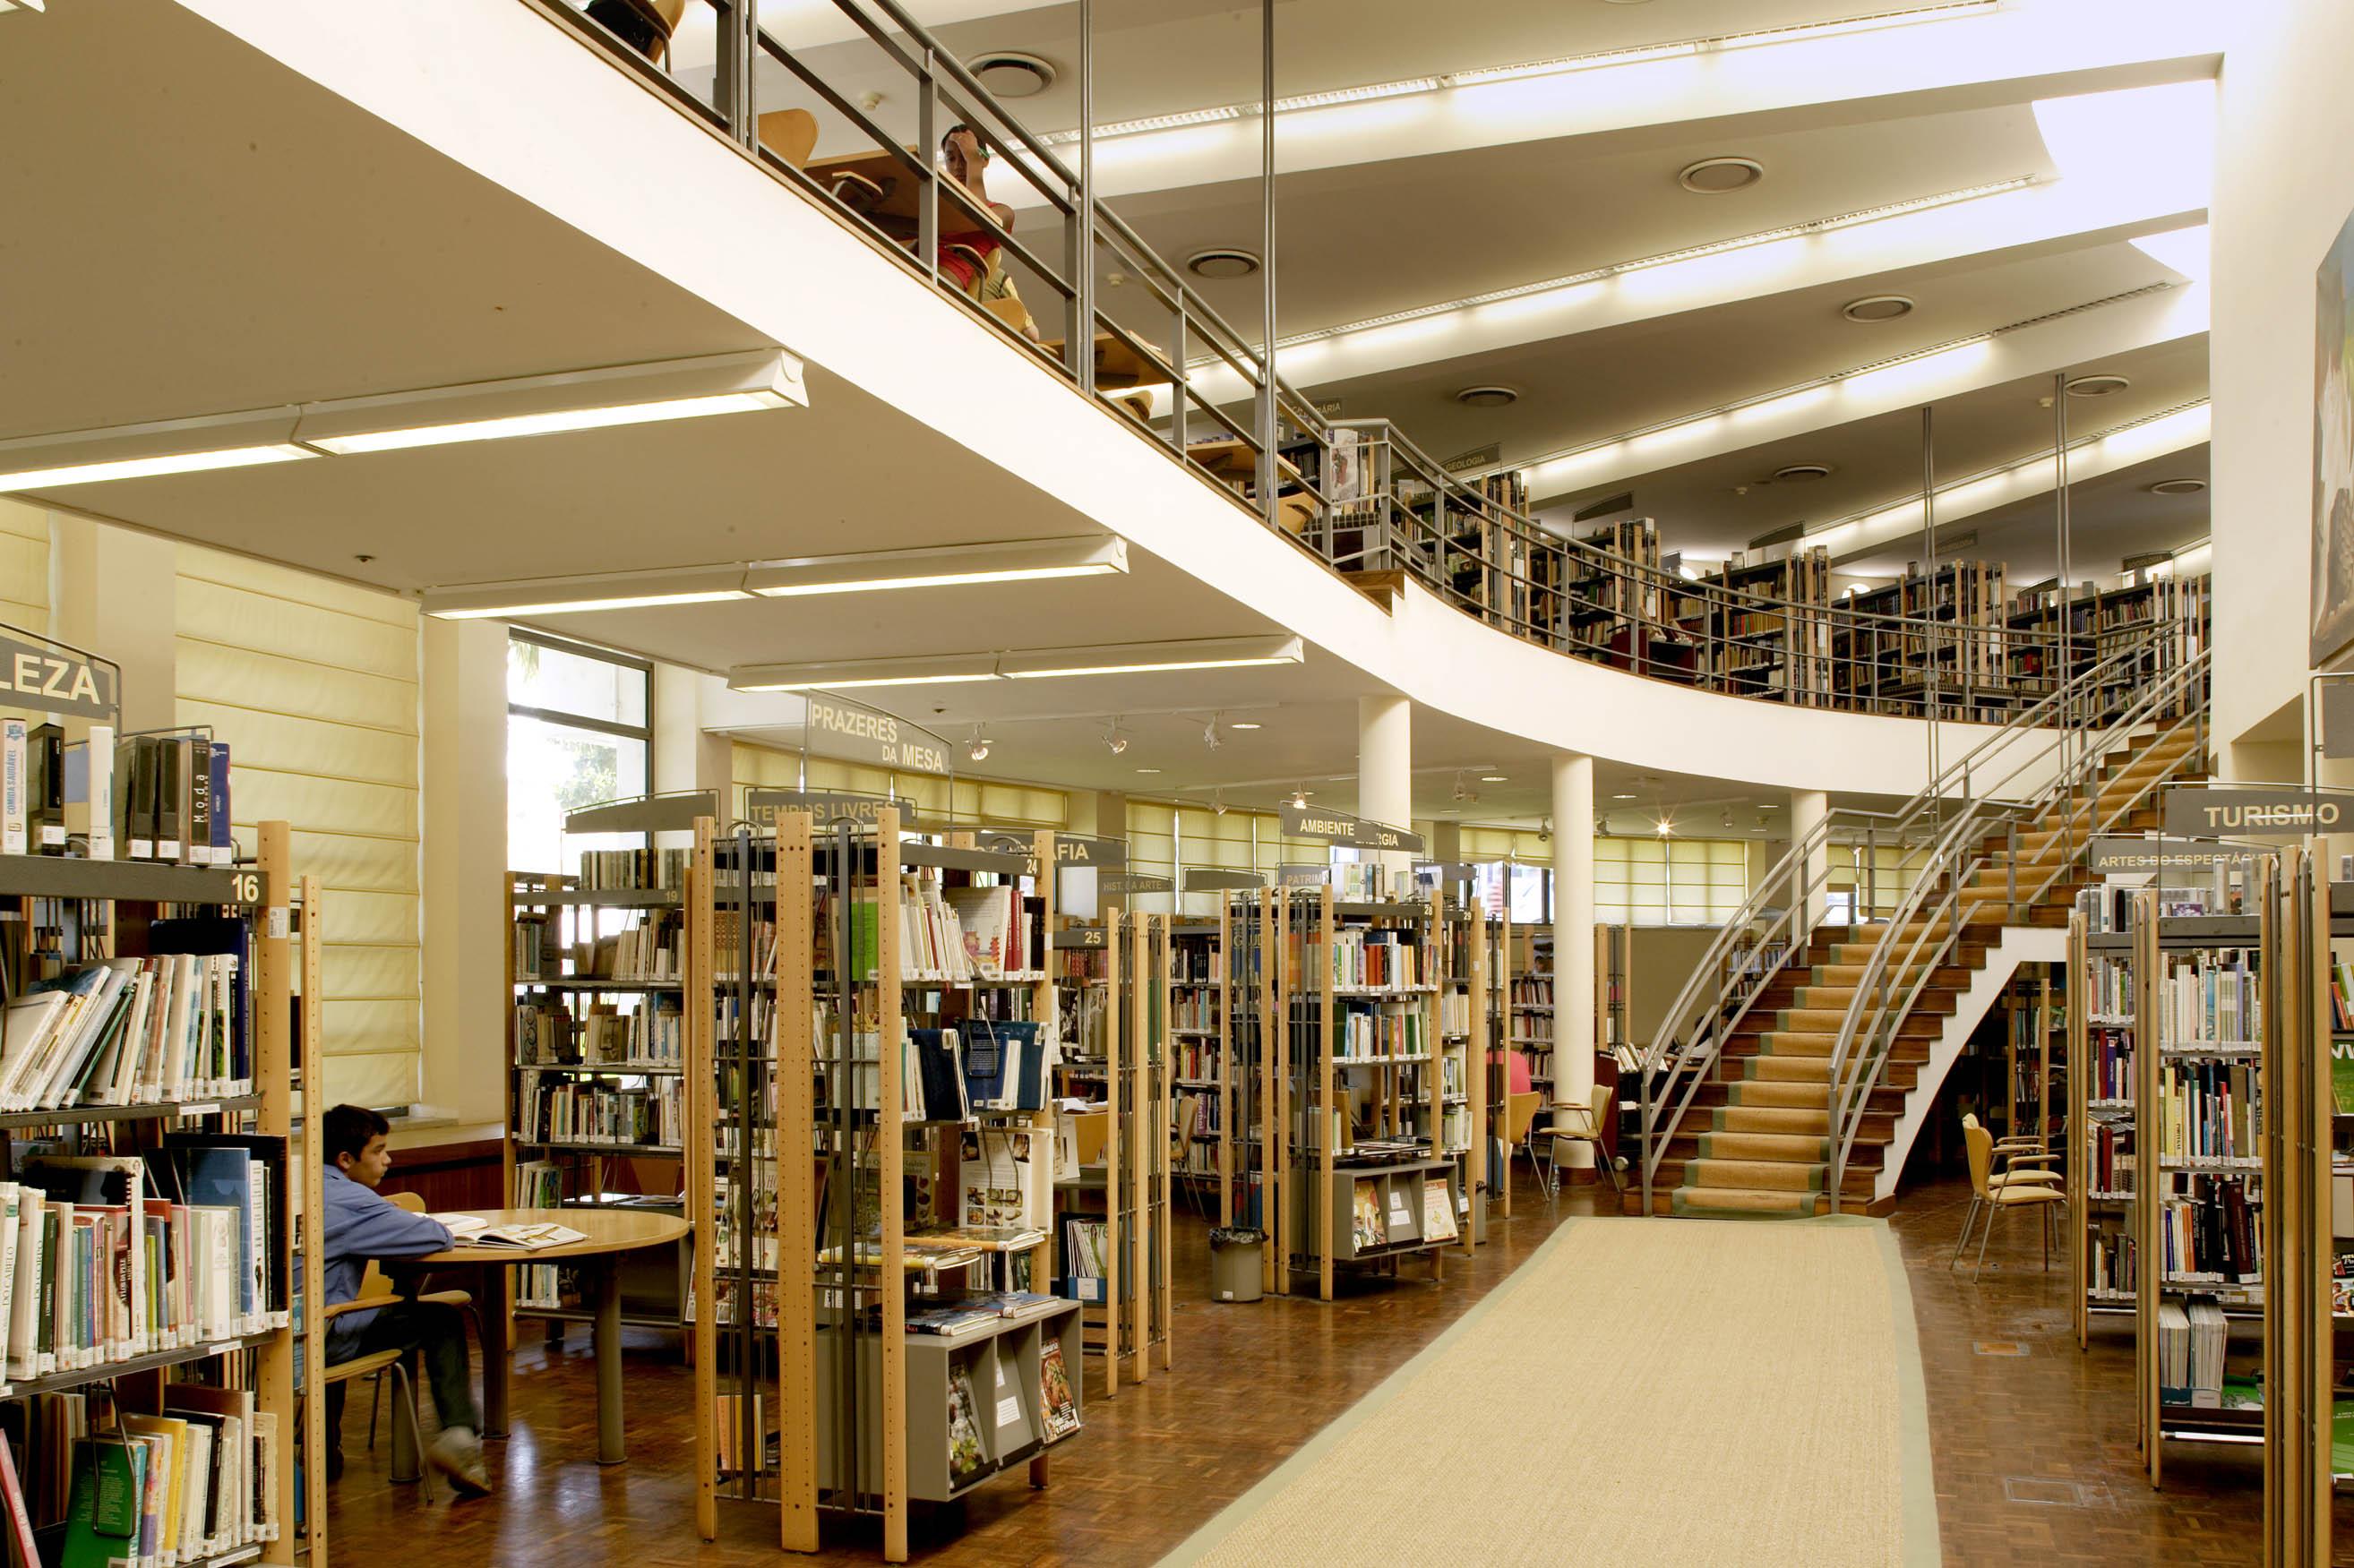 Bibliotecas Municipais de Oeiras integram rede da UNESCO